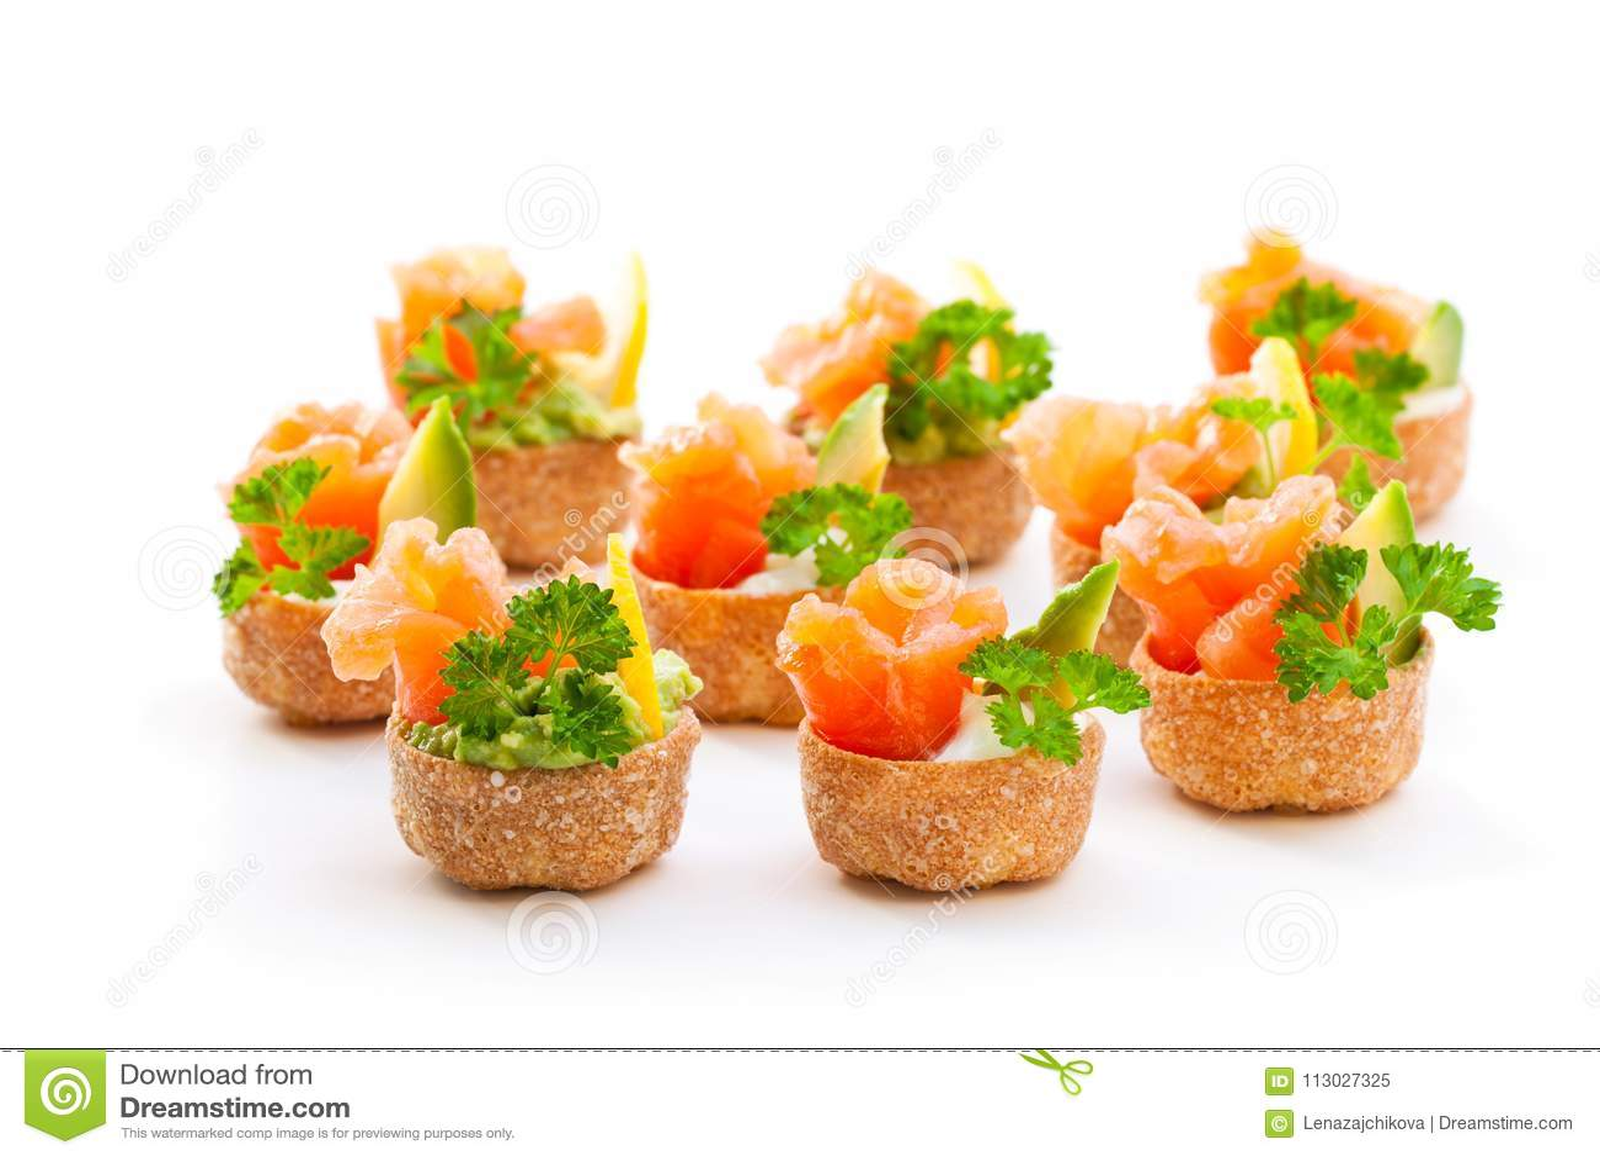 Las cajas curruscantes de los pasteles de Croustades llenaron de los salmones salados y del sistema de pesos americano